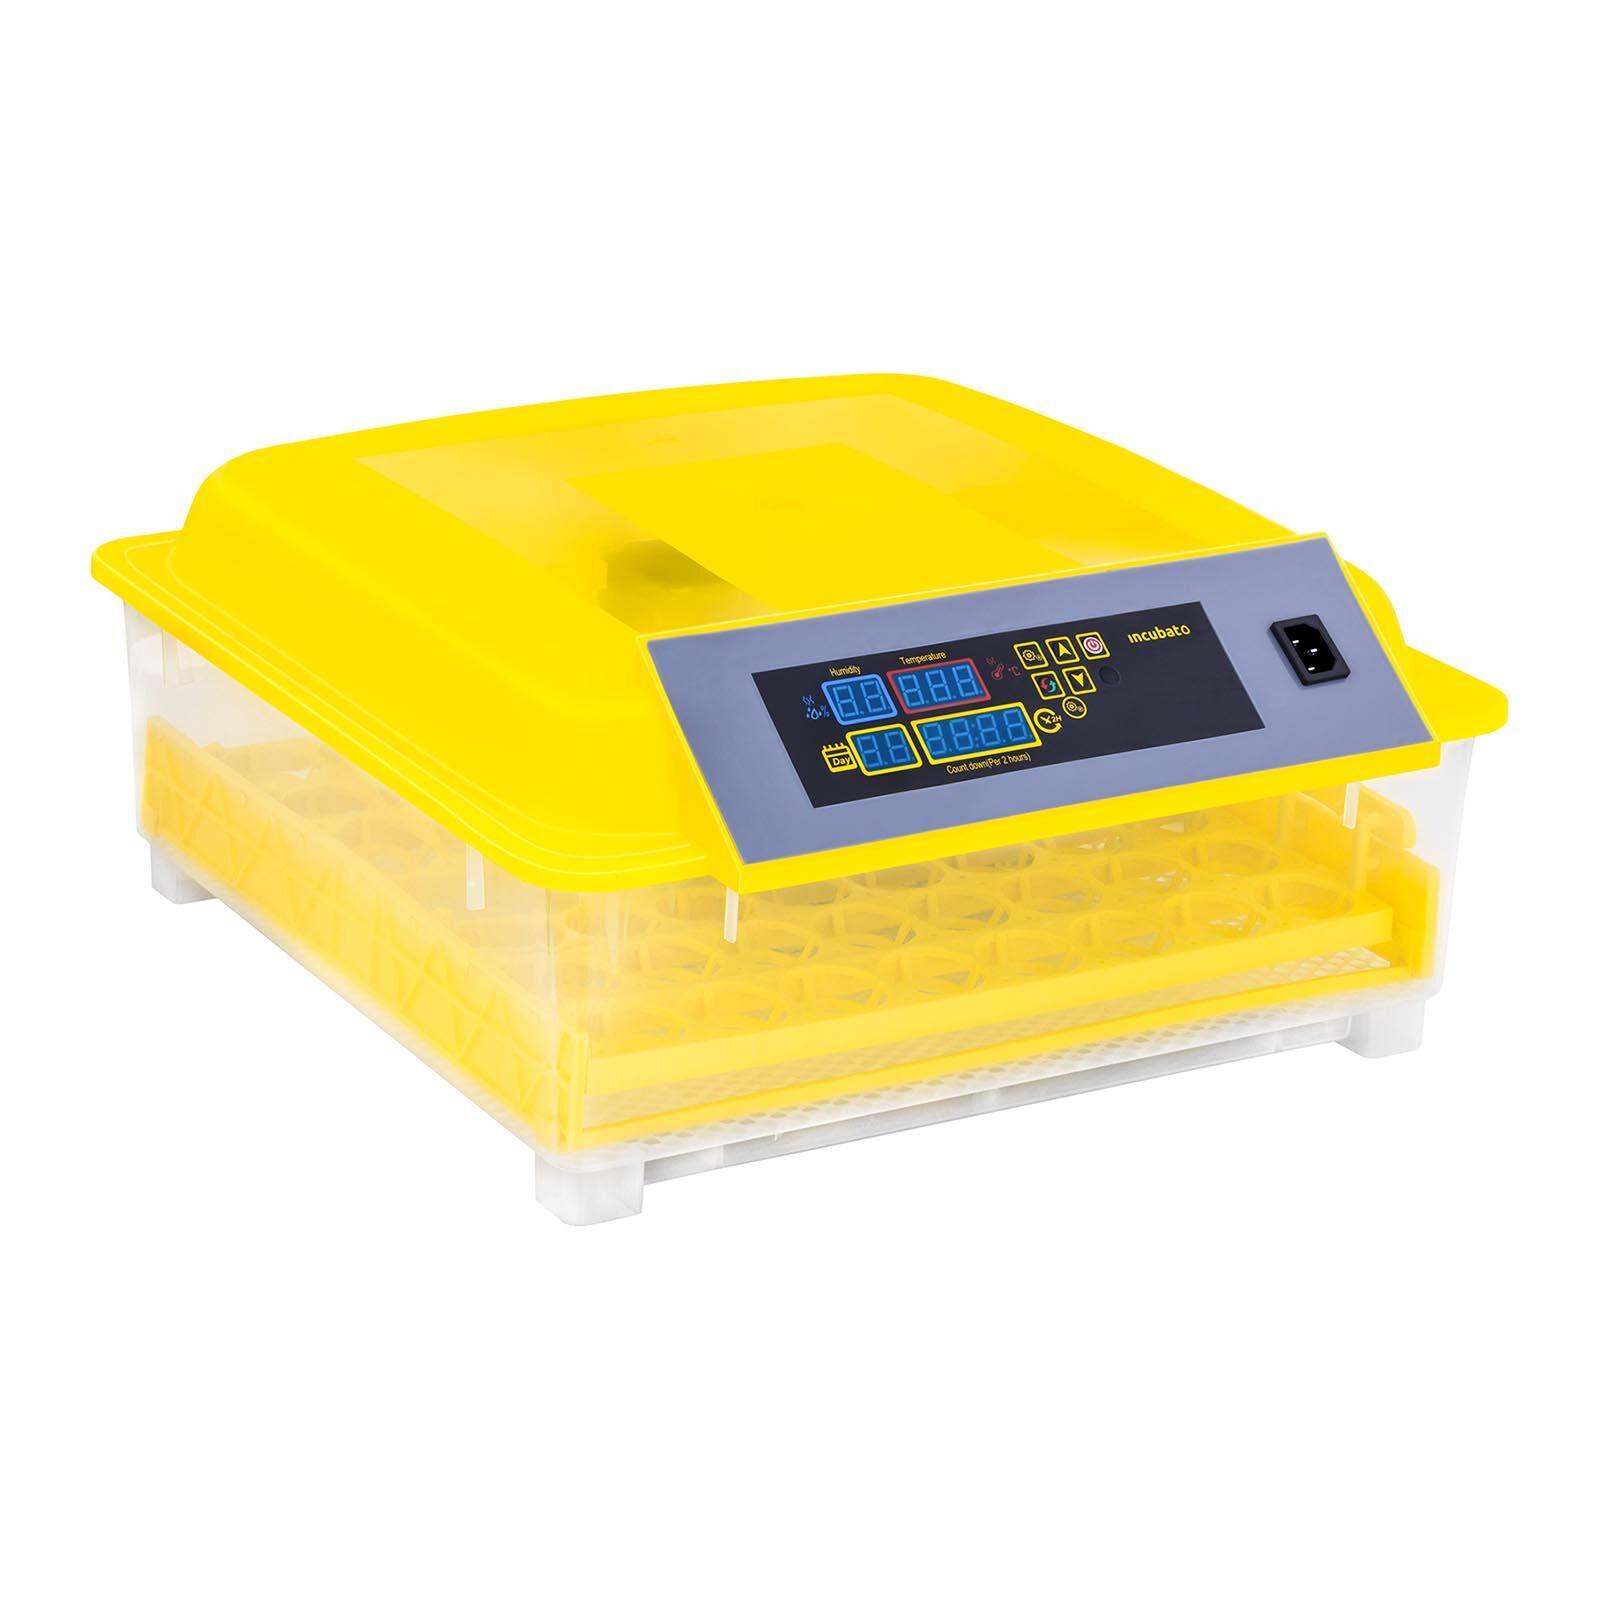 incubato Rugemaskine - 48 æg - inkl. gennemlysningslampe og vandbeholder - fuldautomatisk IN-48DDI